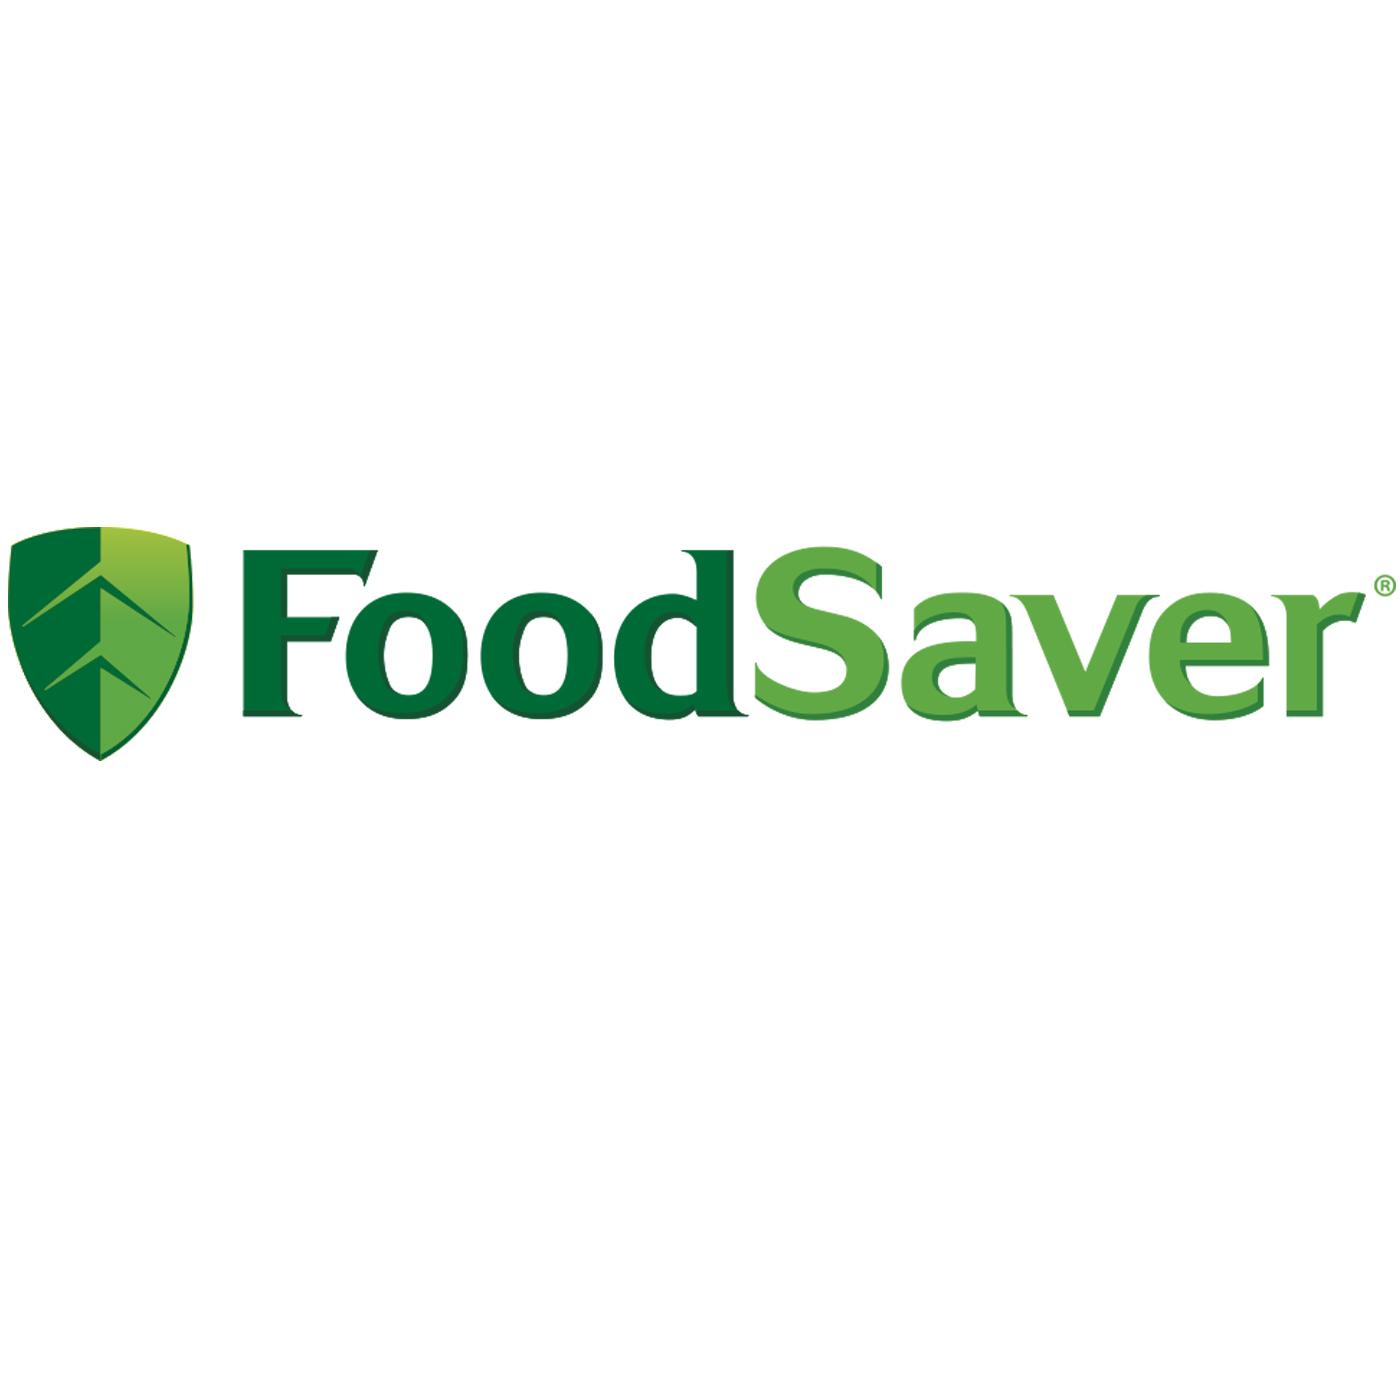 Foodsaver (cropped).jpg